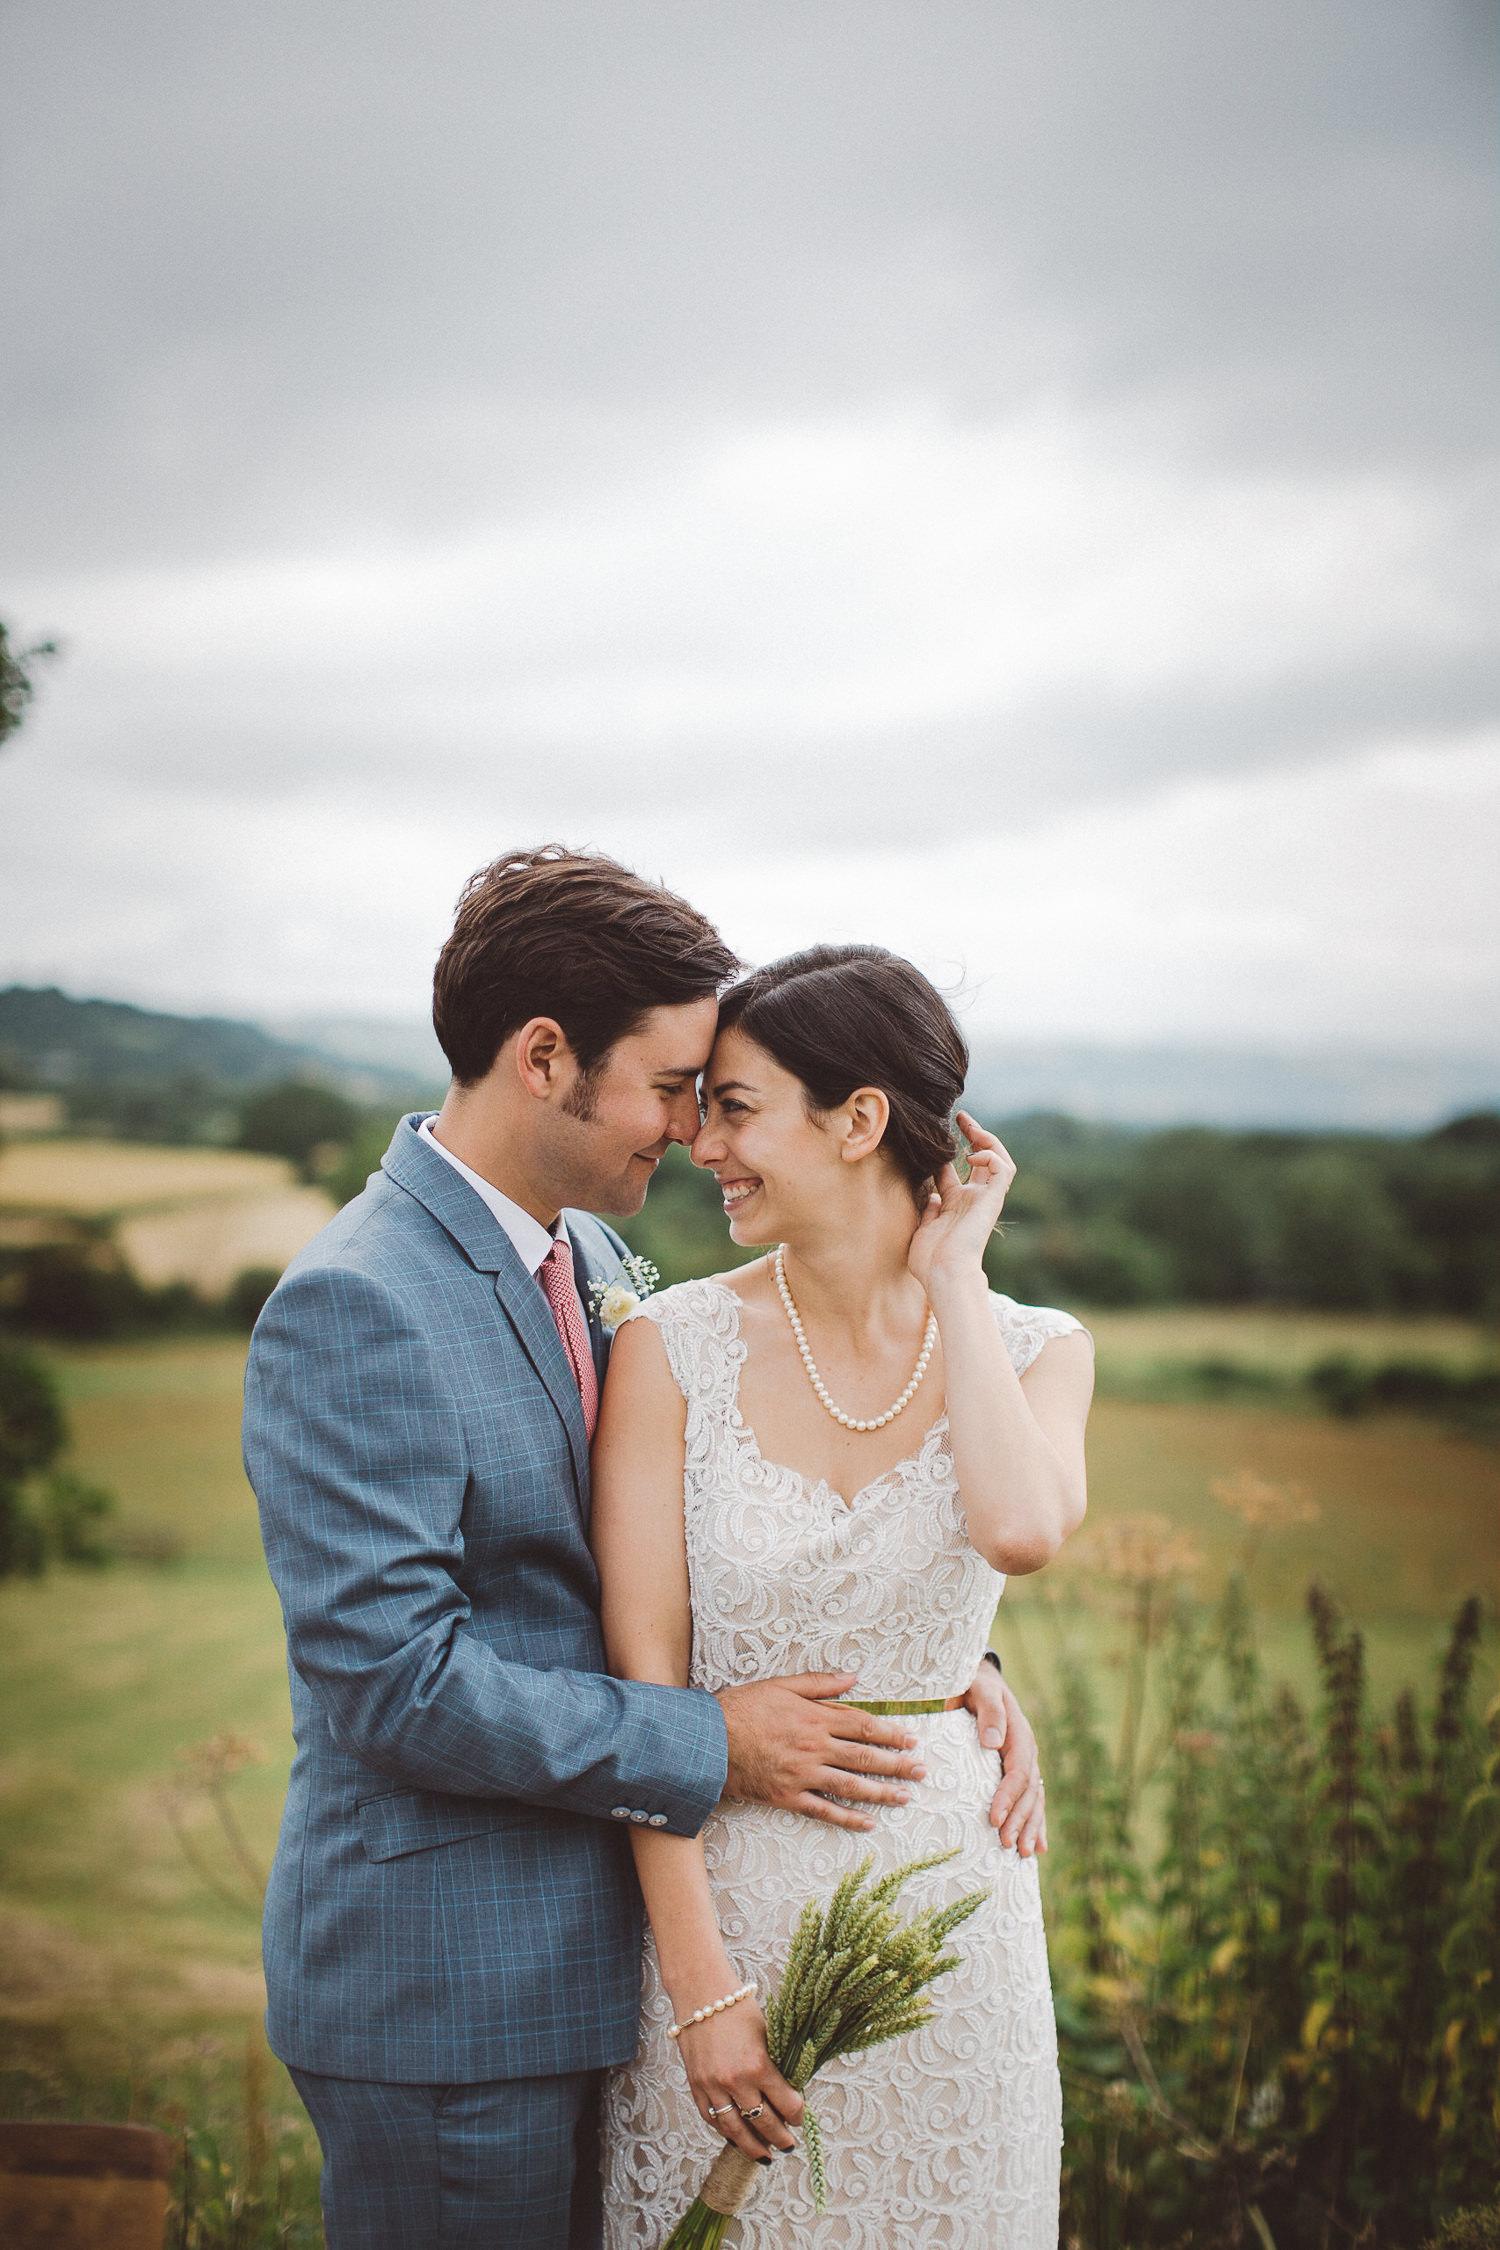 Wedding at Folly Farm Liron Erel Echoes & Wildhearts 0095.jpg